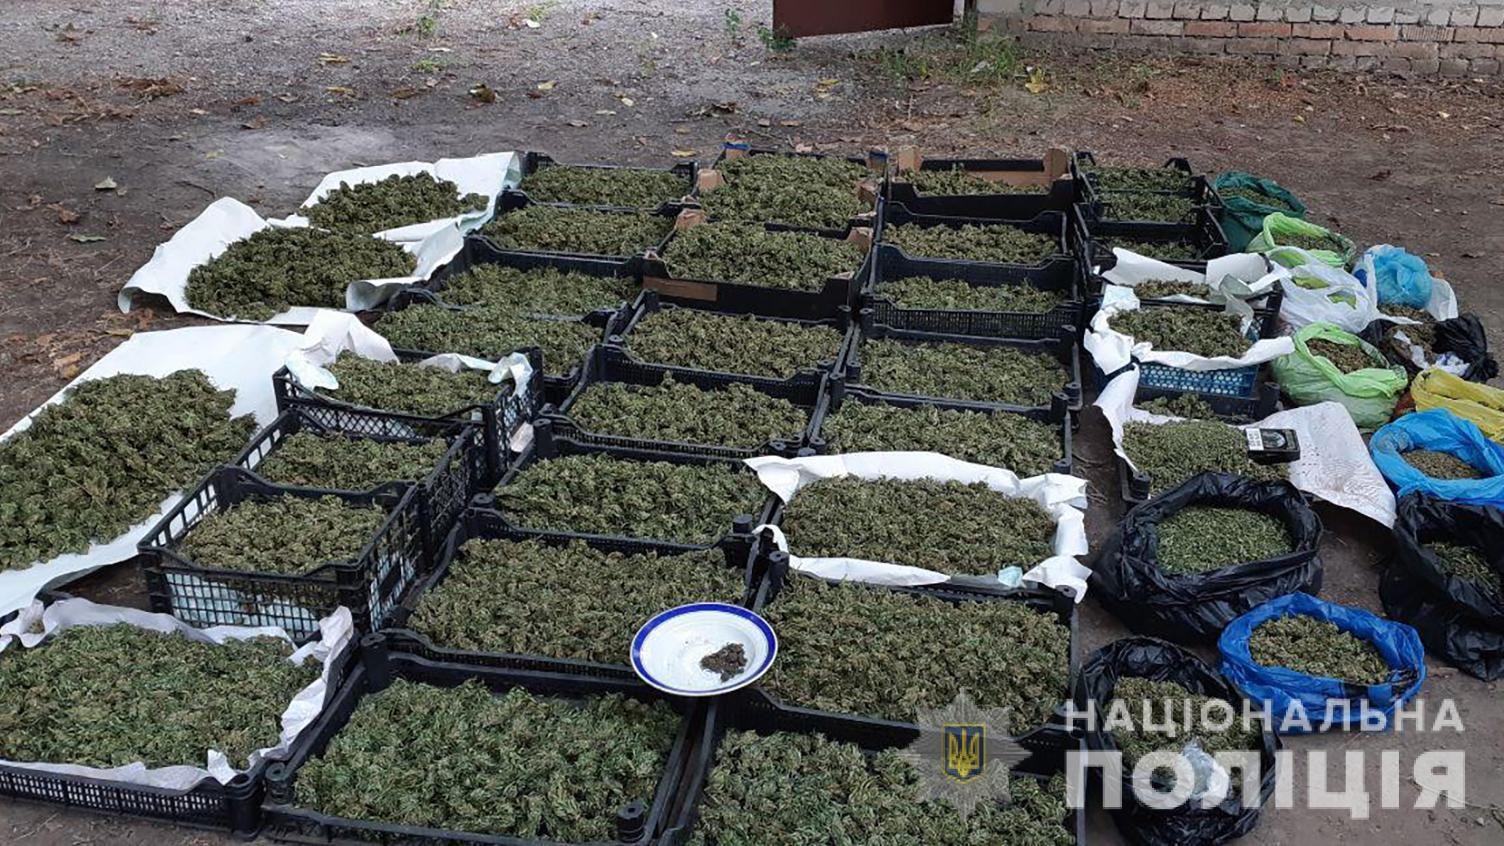 У Запоріжжі поліцейські накрили групу накоторговців з товаром на більш ніж 20 мільйонів гривень - ФОТО, ВІДЕО